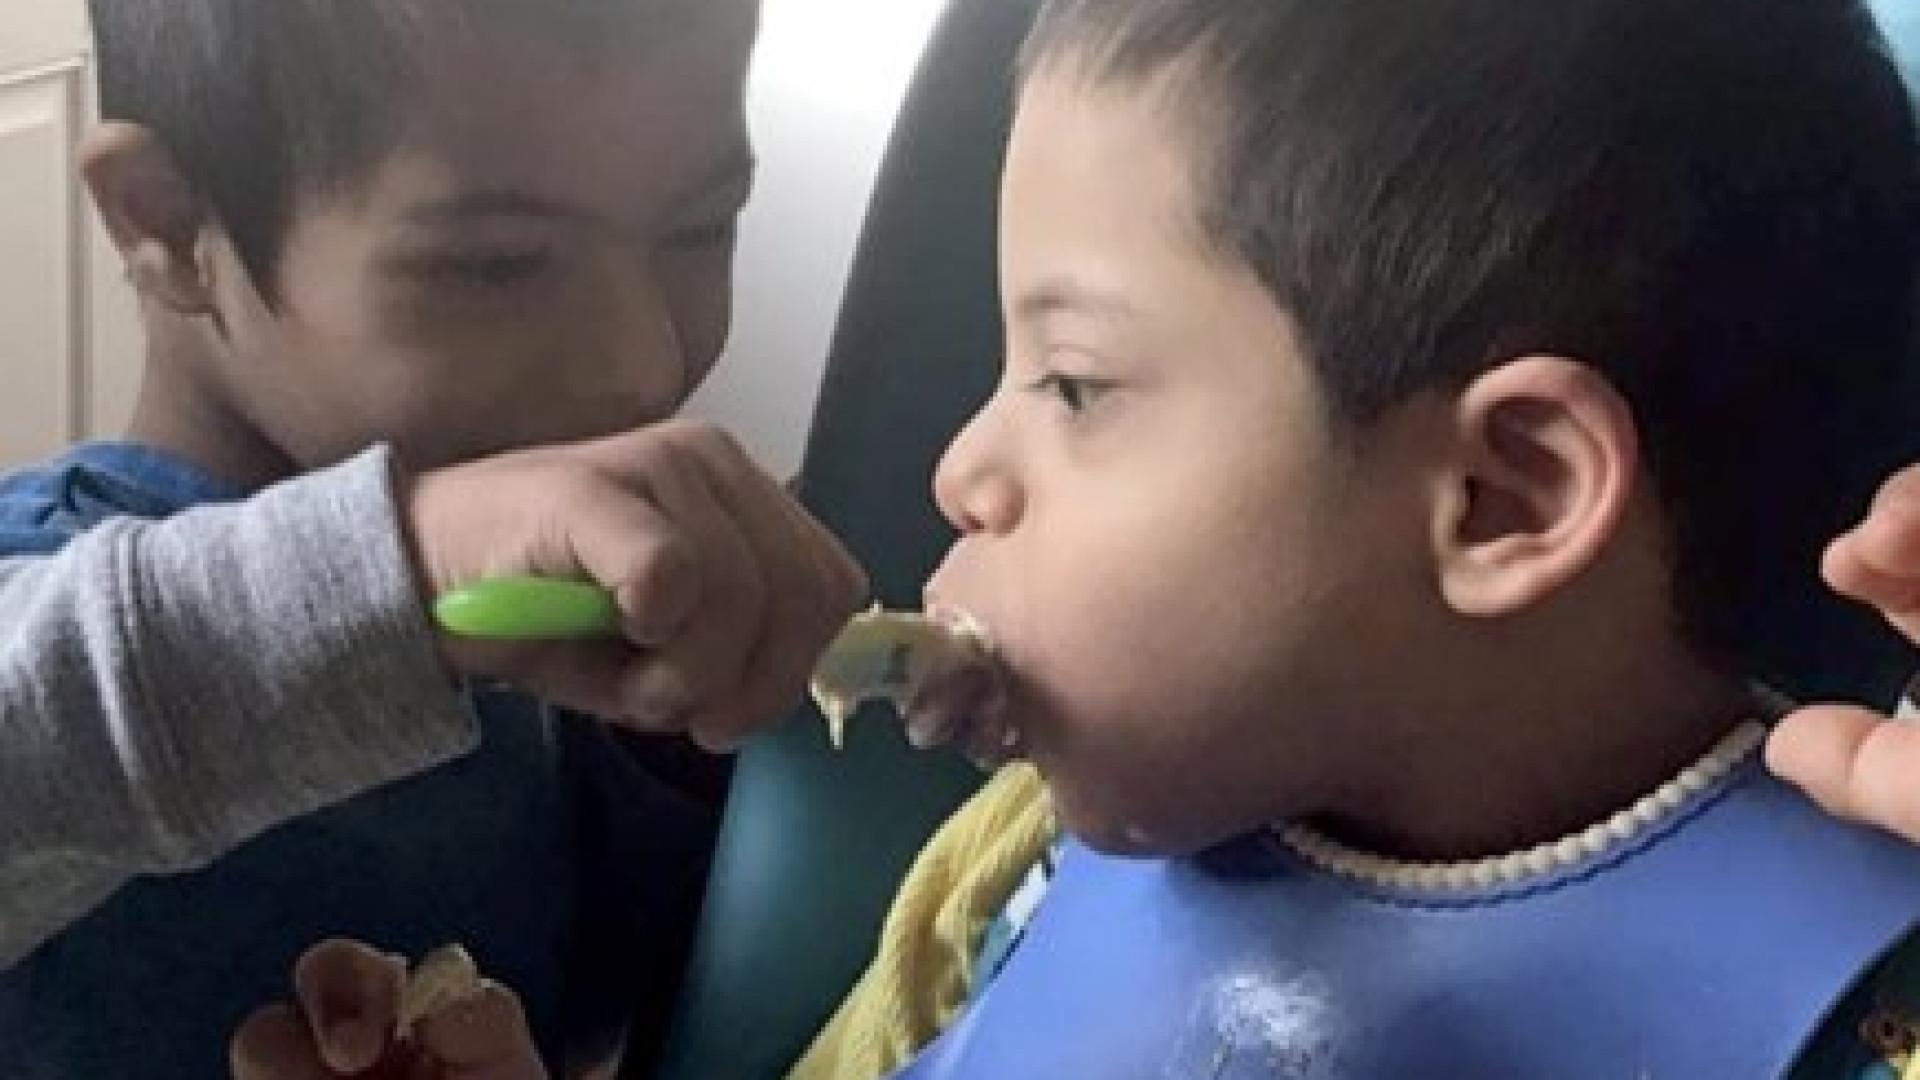 Menino com Síndrome de Down ajuda os irmãos a comer e a vestir